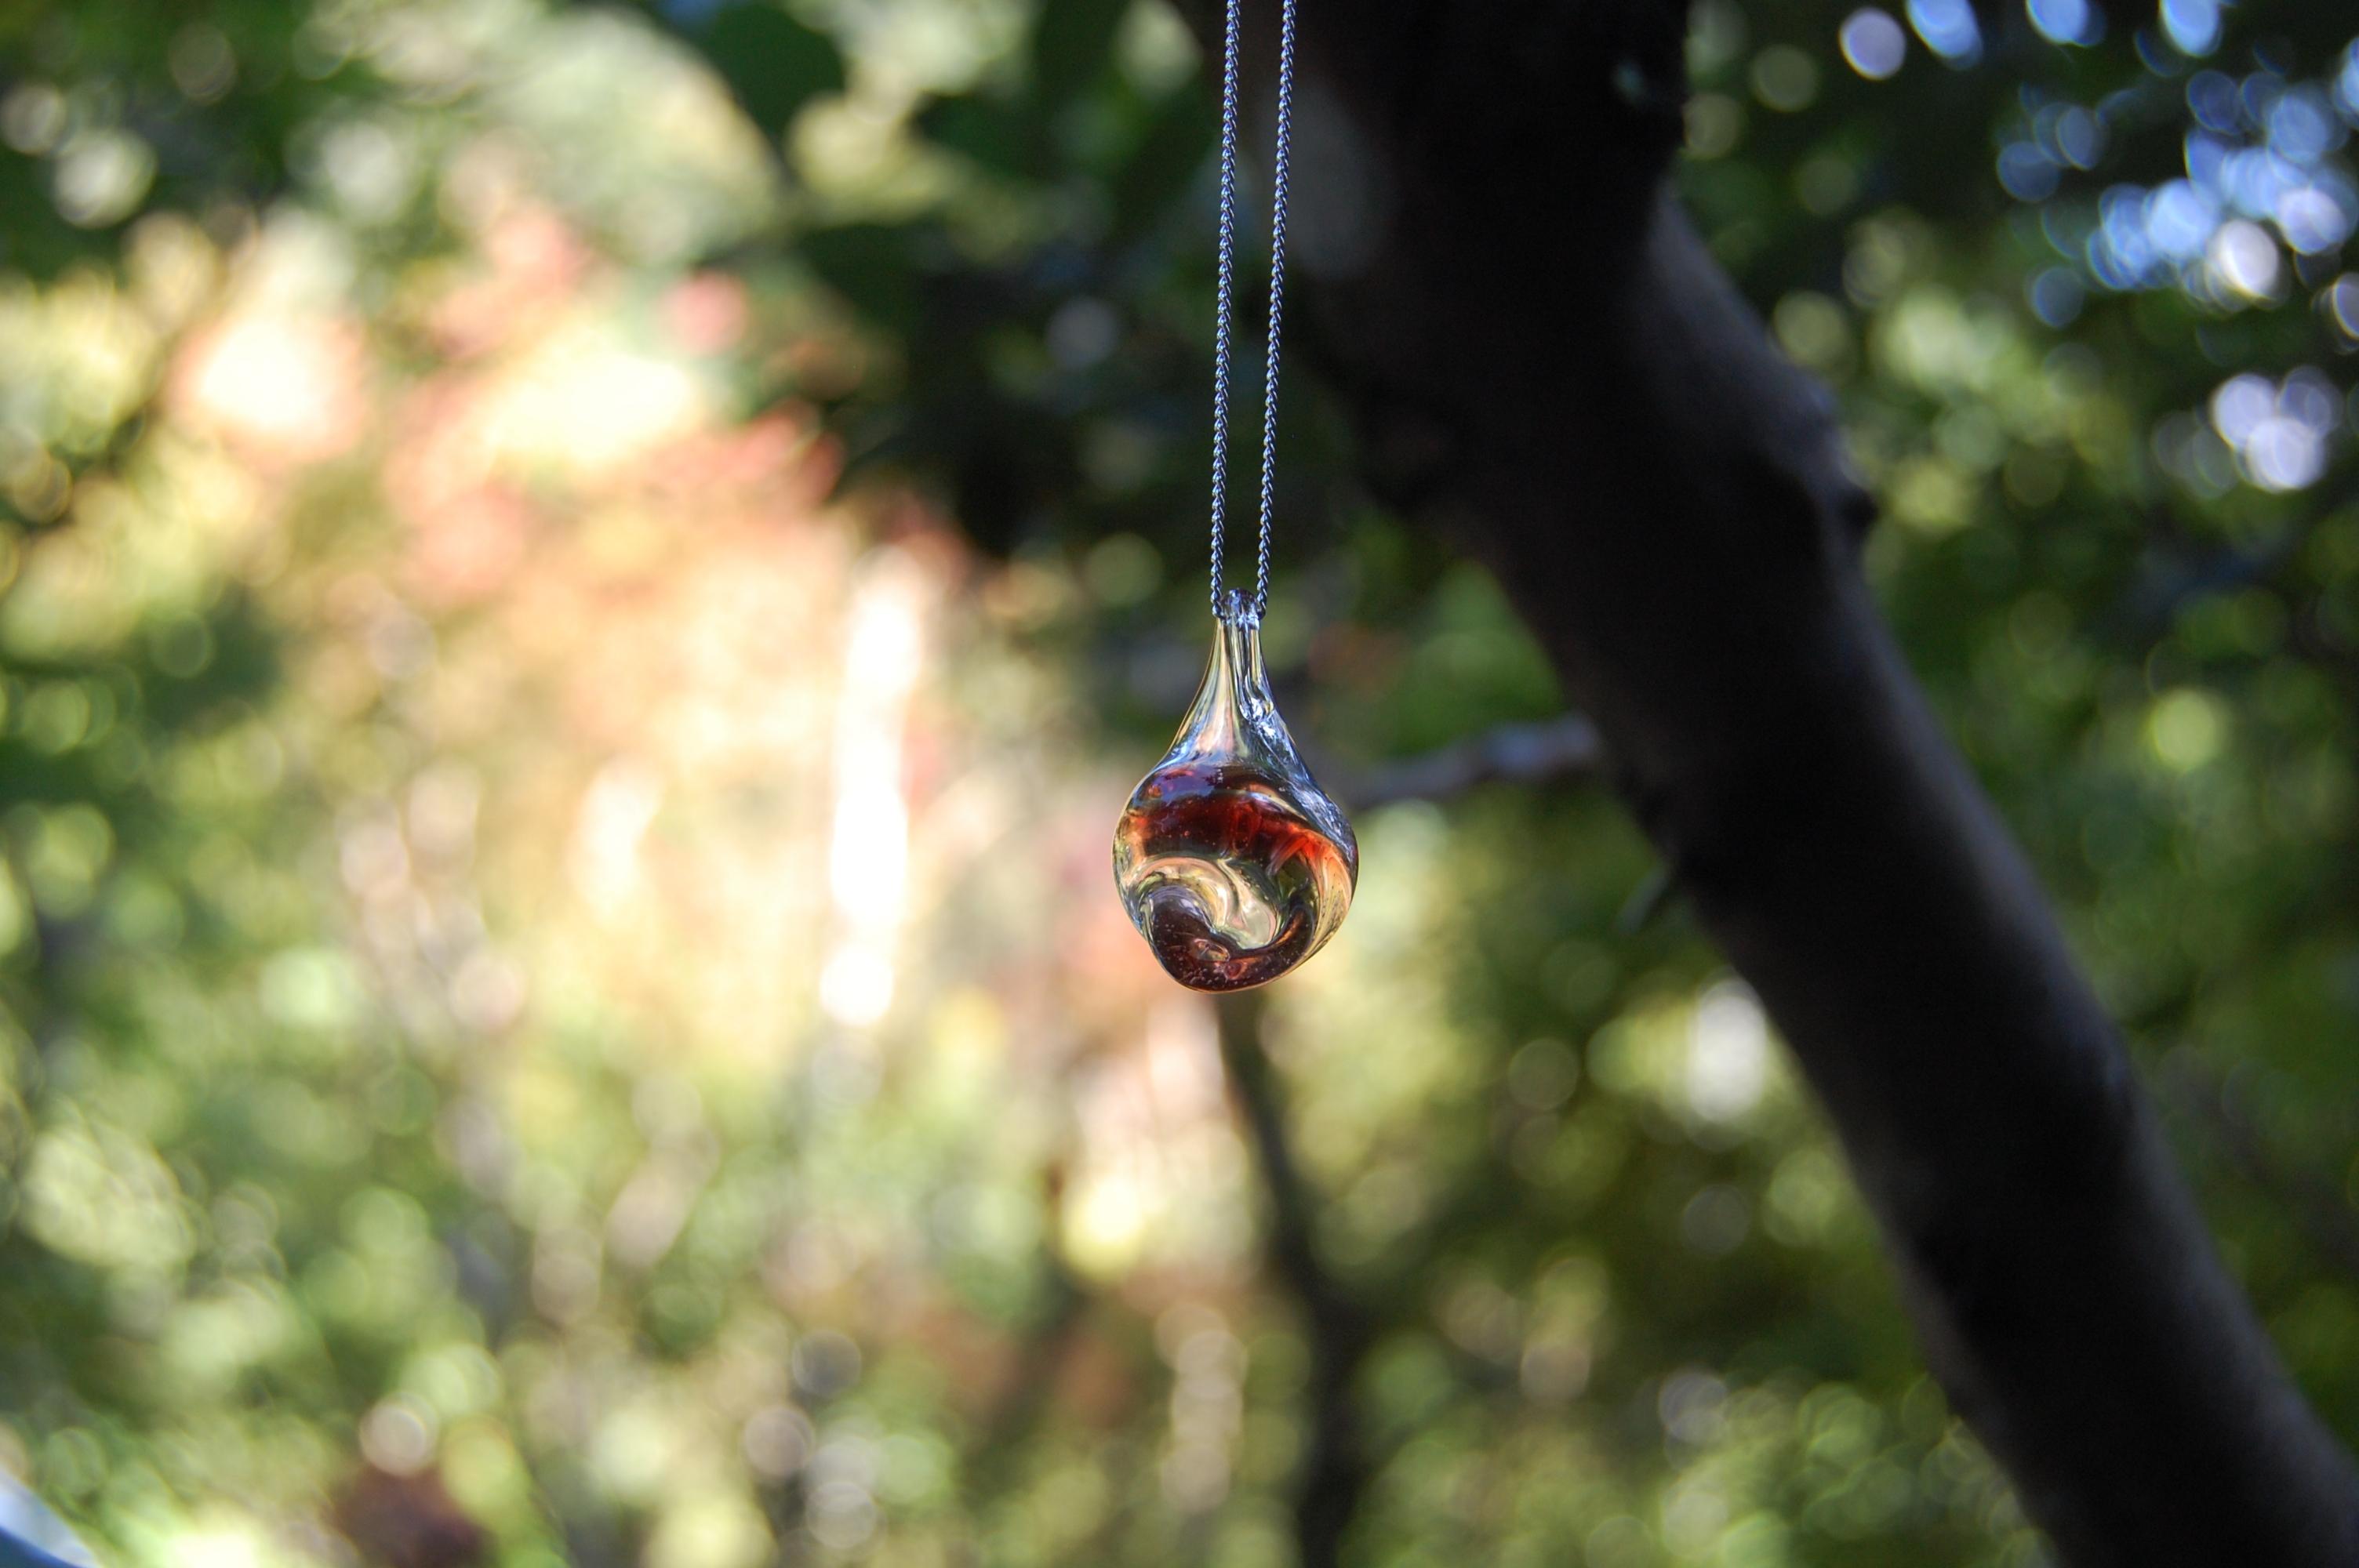 香しずく(ガラス製のアロマペンダント) 02100001